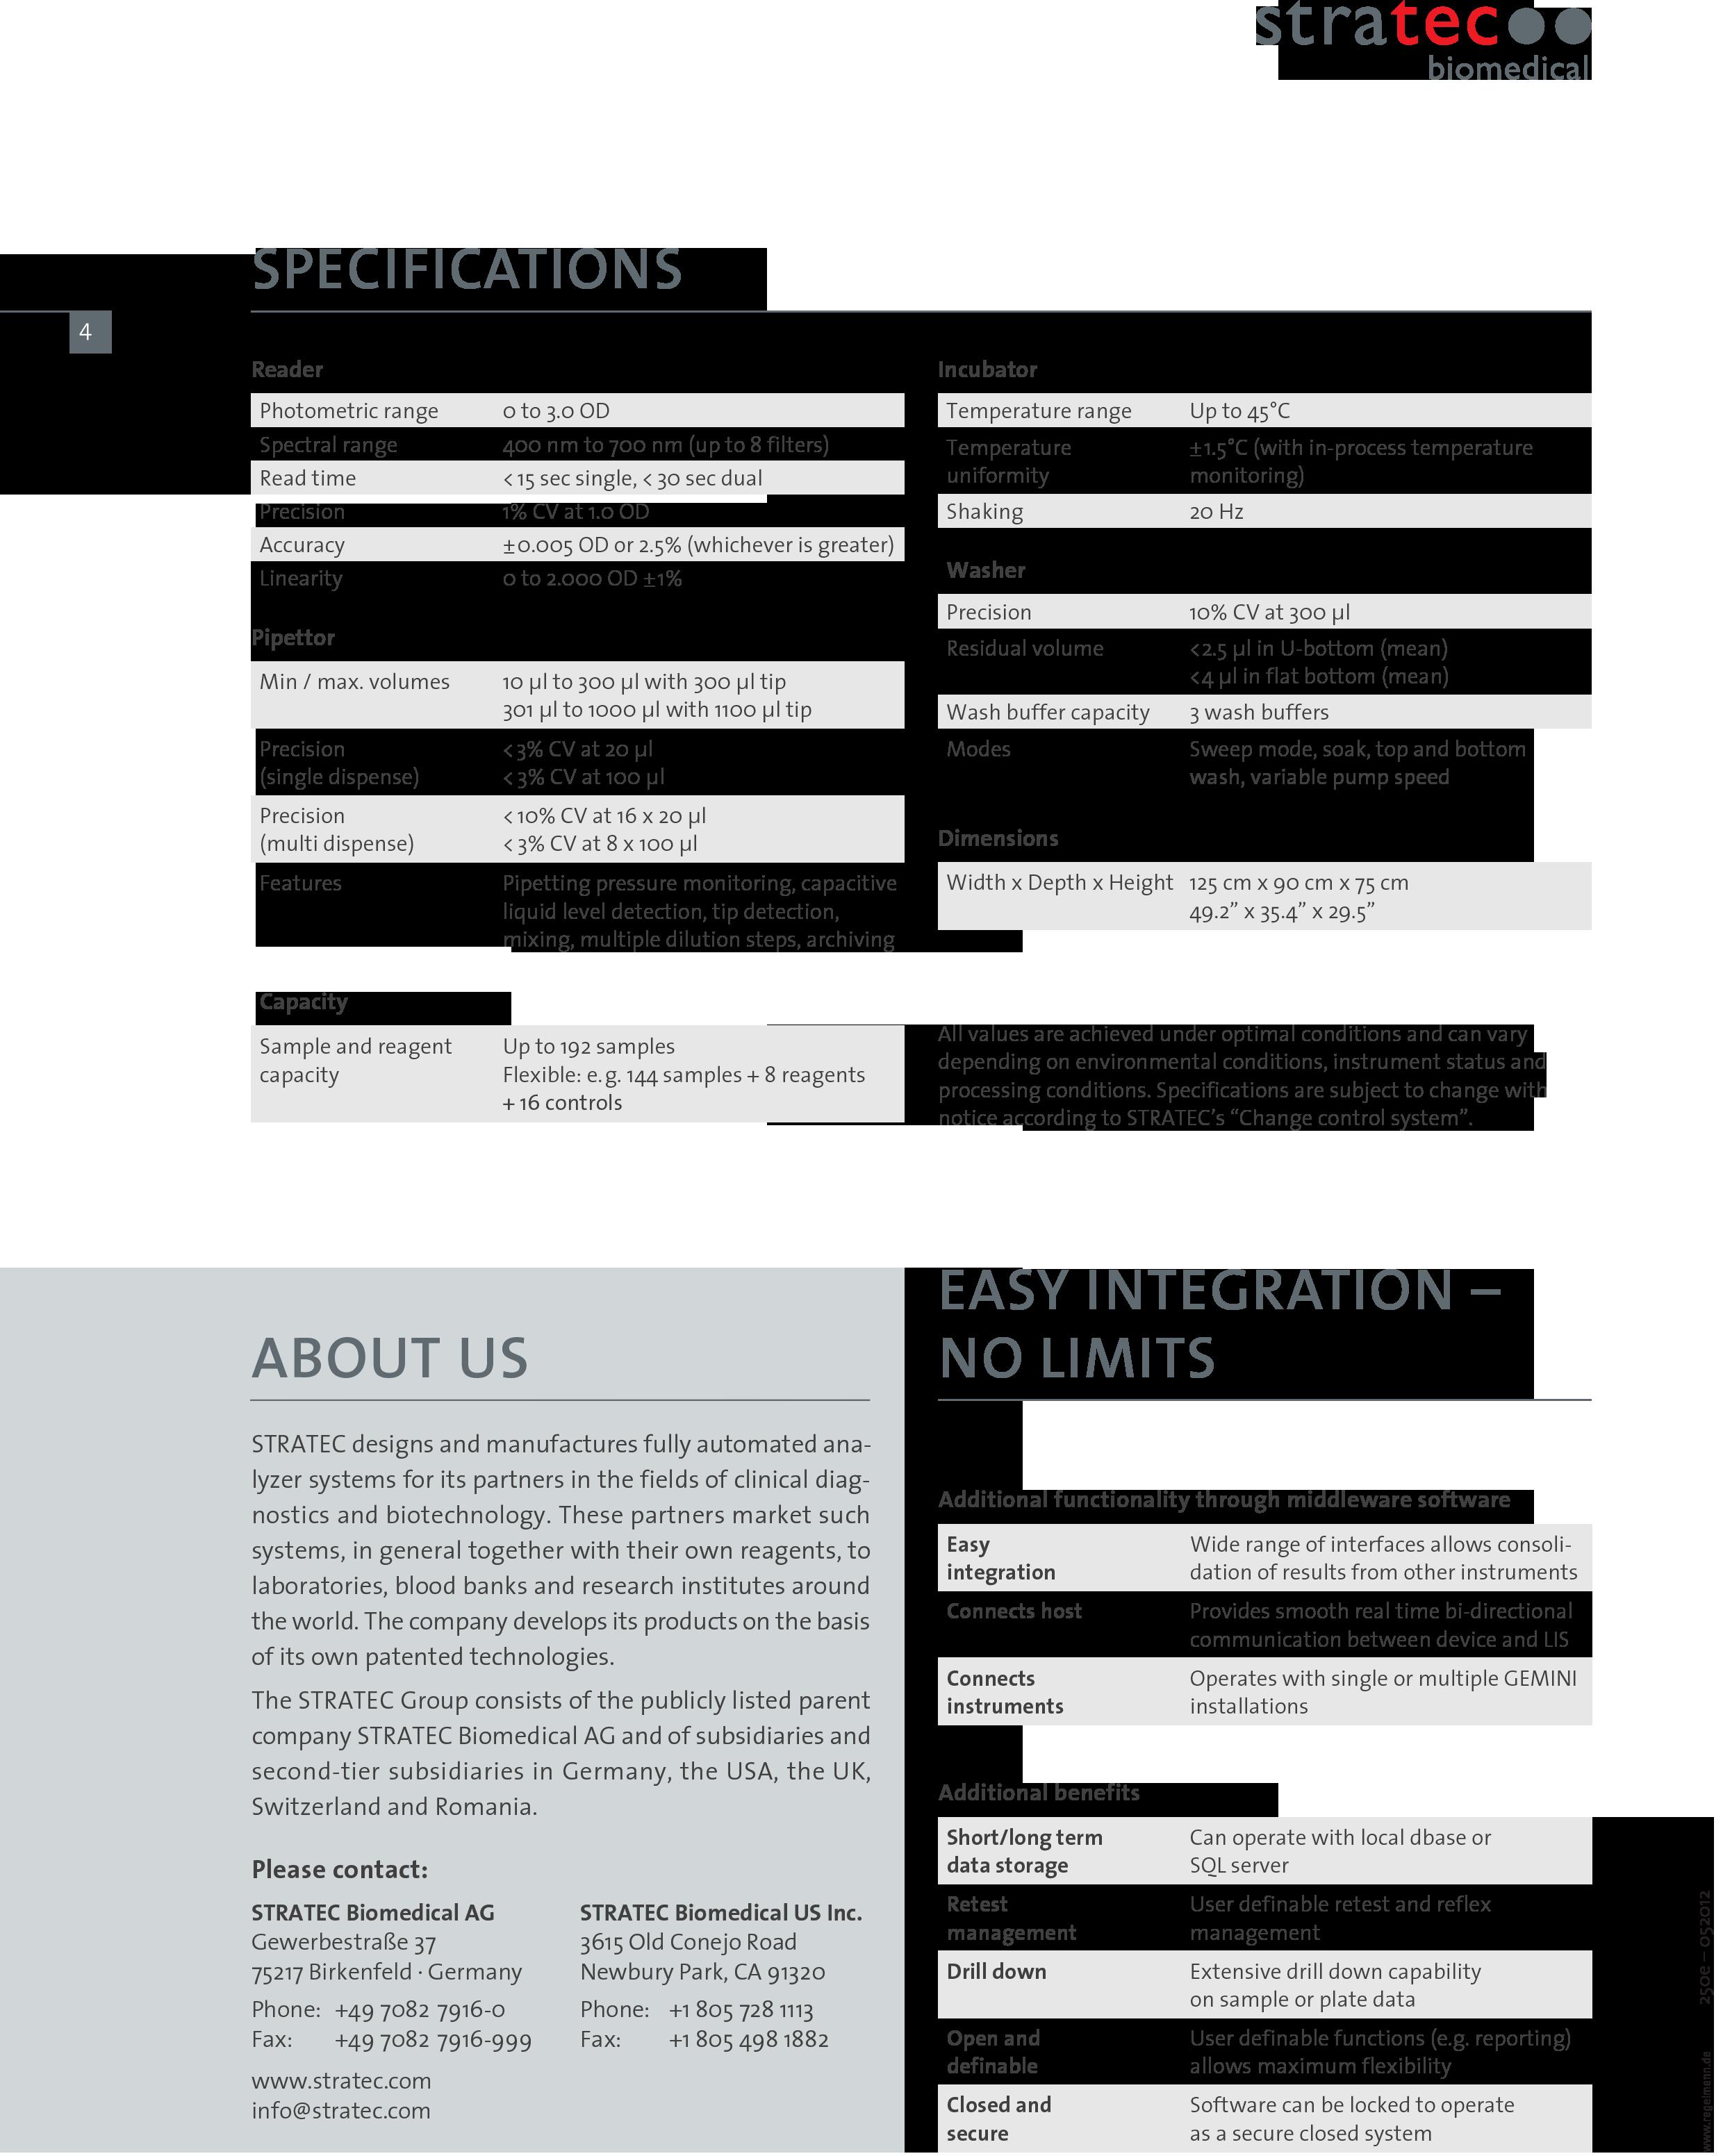 STRATEC_instrumentation_Gemini_201205-4.png